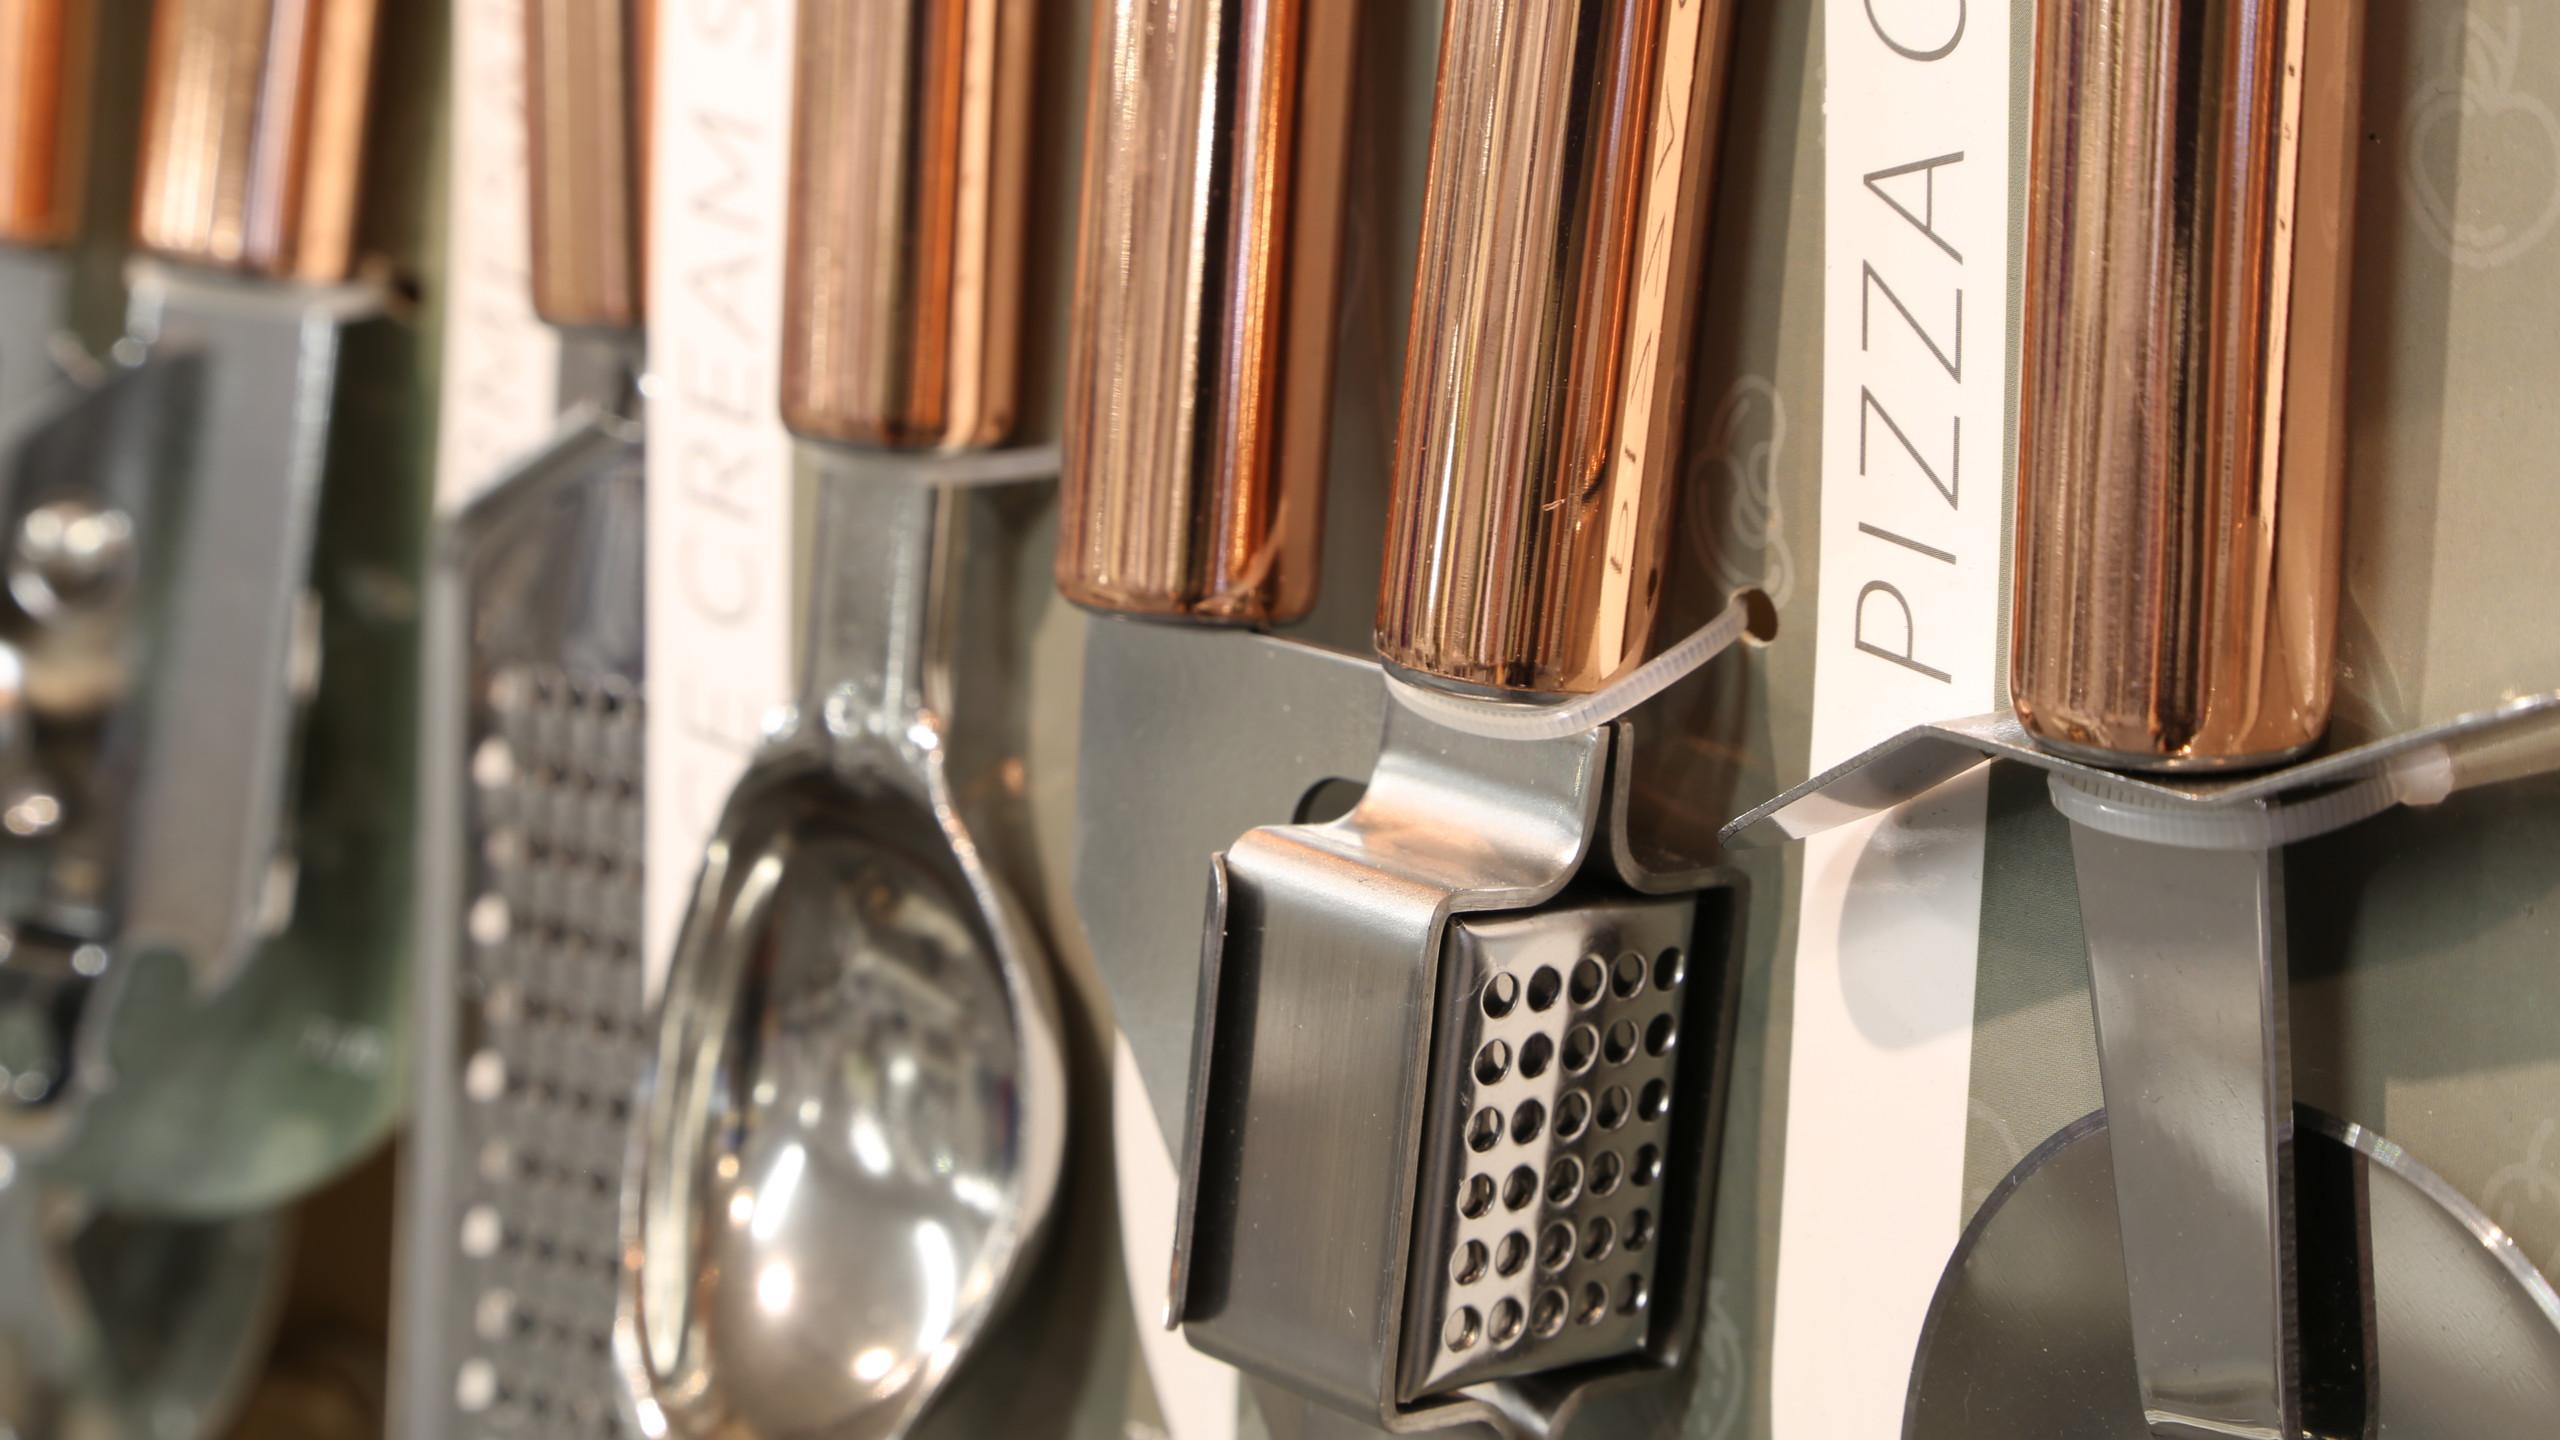 Kitchen ware copper utensils